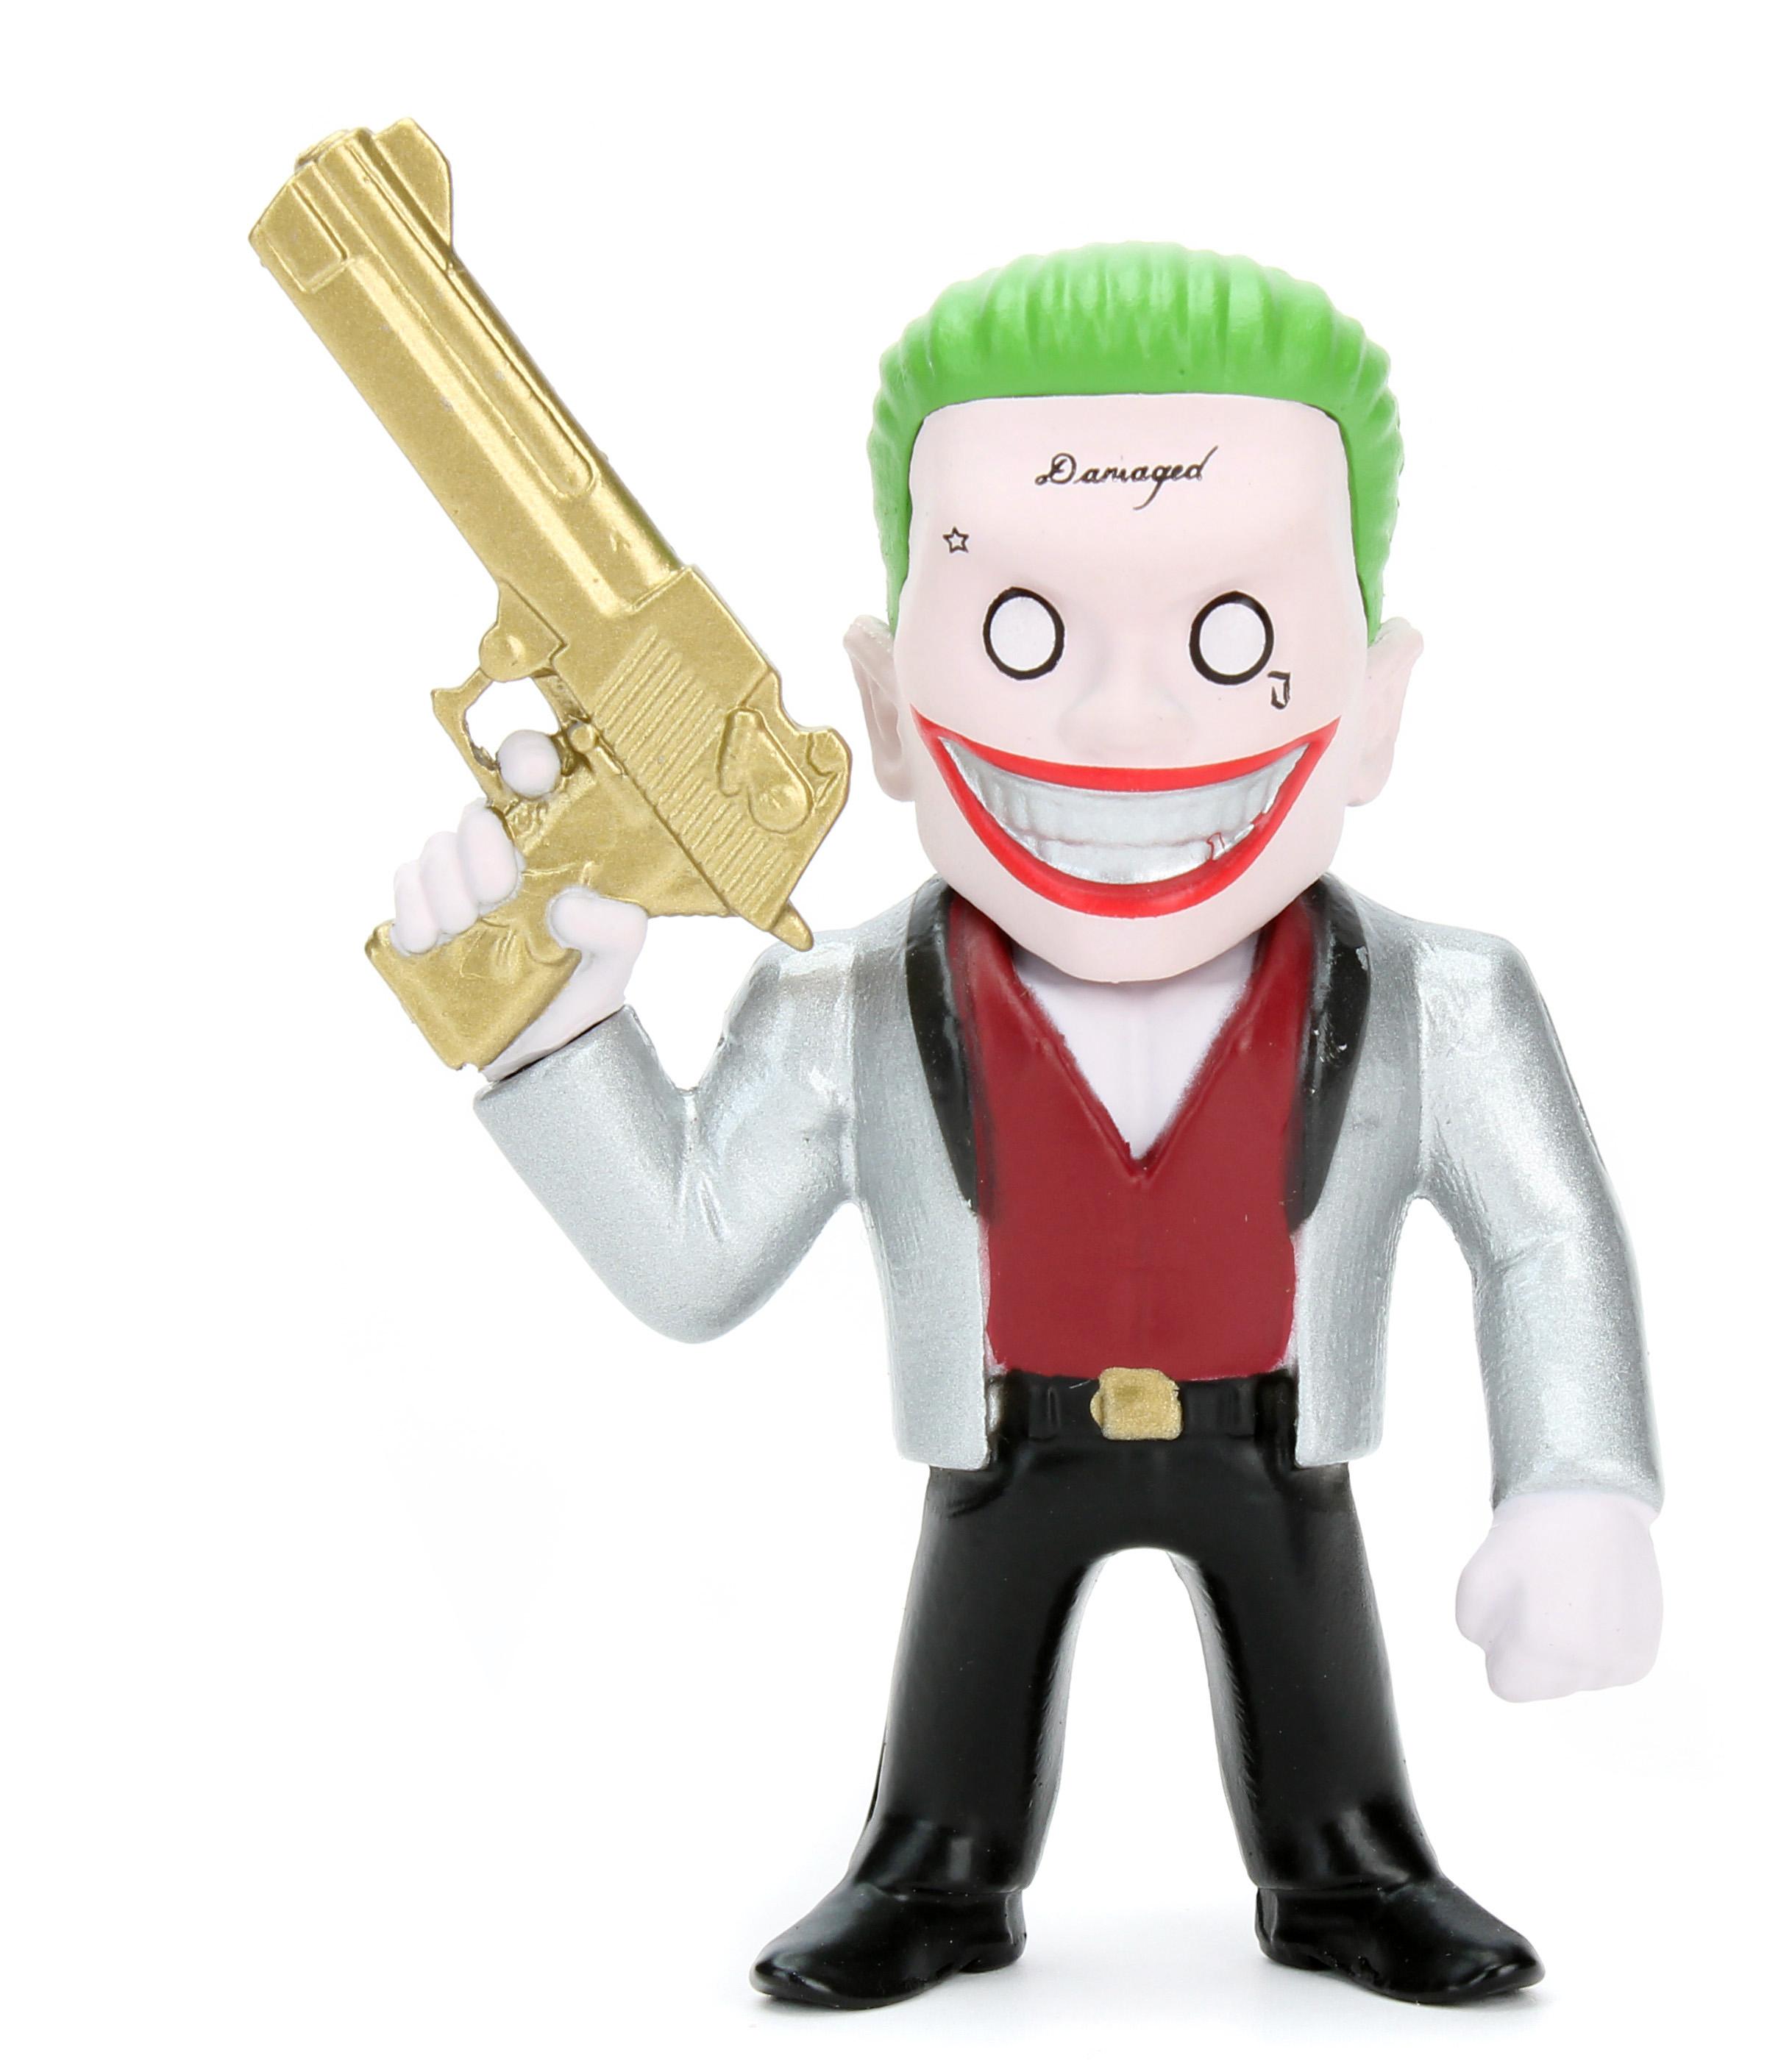 Коллекционная металлическая фигурка DC Comics: Джокер – Отряд Самоубийц – Suicide Squad Joker Boss (6 см)Представляем вашему вниманию коллекционную металлическую фигурку Джокер: Отряд Самоубийц – Suicide Squad Joker Boss, созданную по мотивам супергеройского боевика режиссёра Дэвида Эйера, который является экранизацией одноимённых комиксов издательства DC Comics.<br>